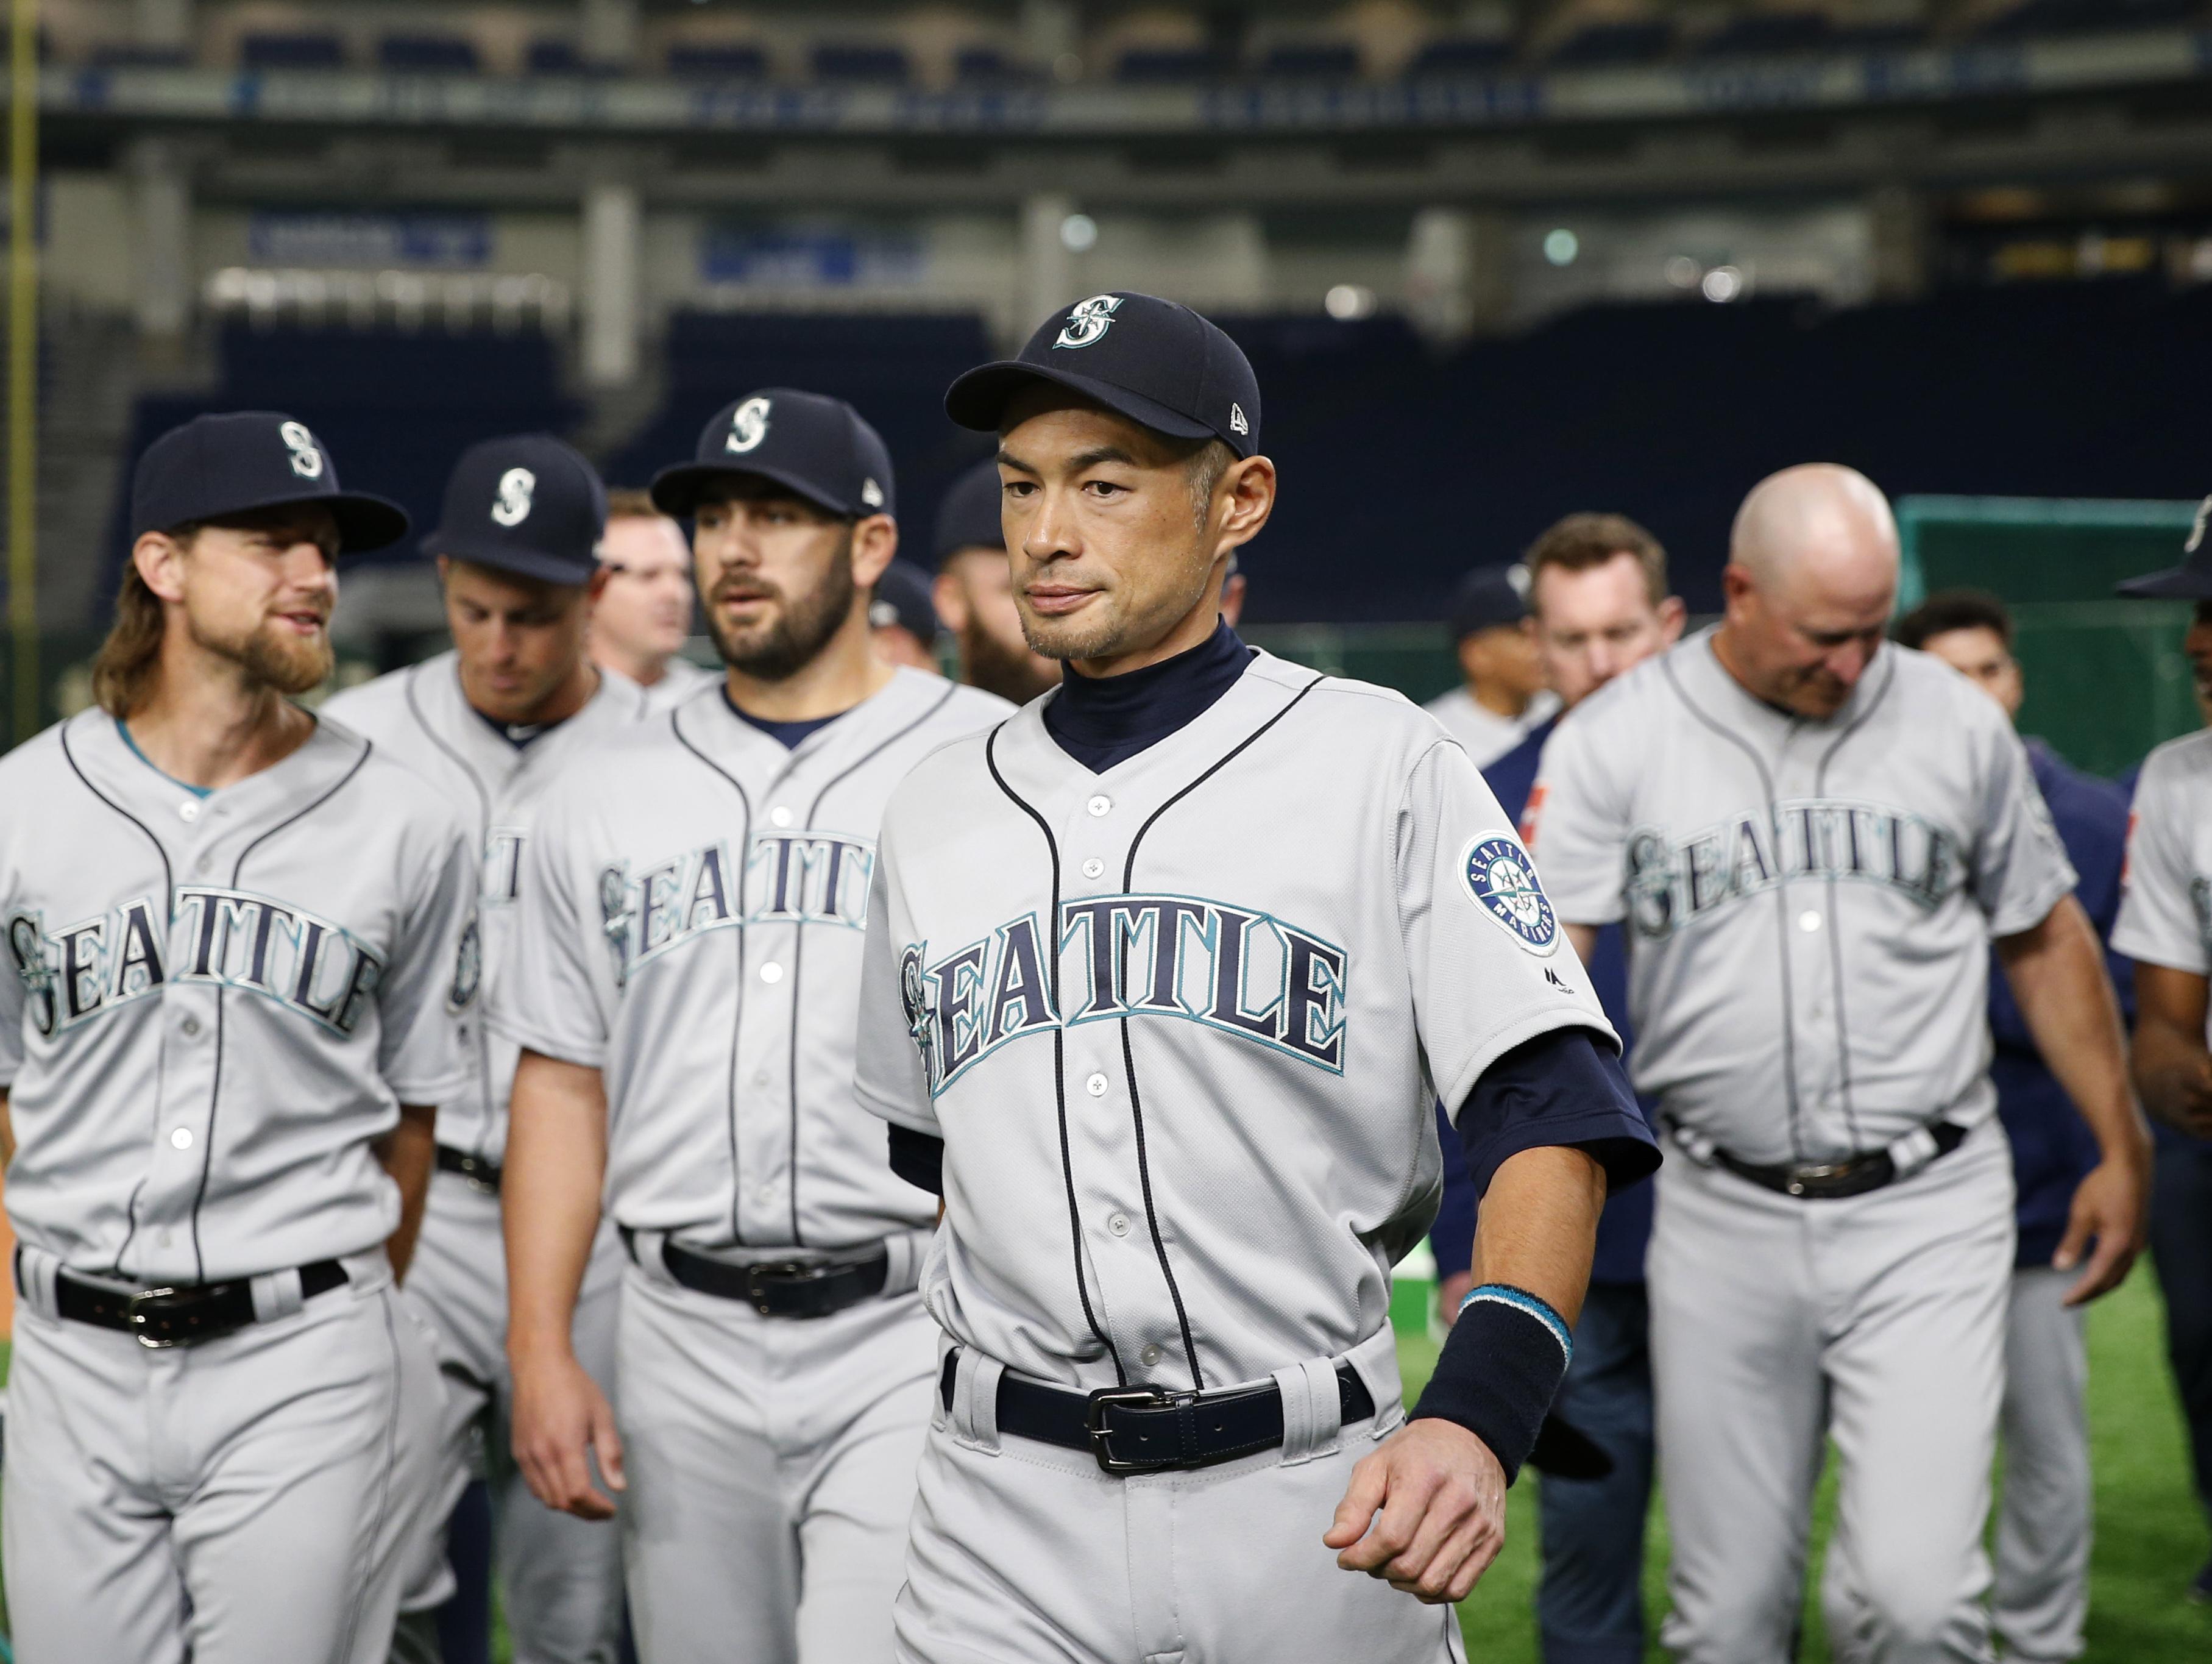 עונת ה-MLB נפתחה ביפן, סיאטל וסוזוקי ניצחו את אוקלנד